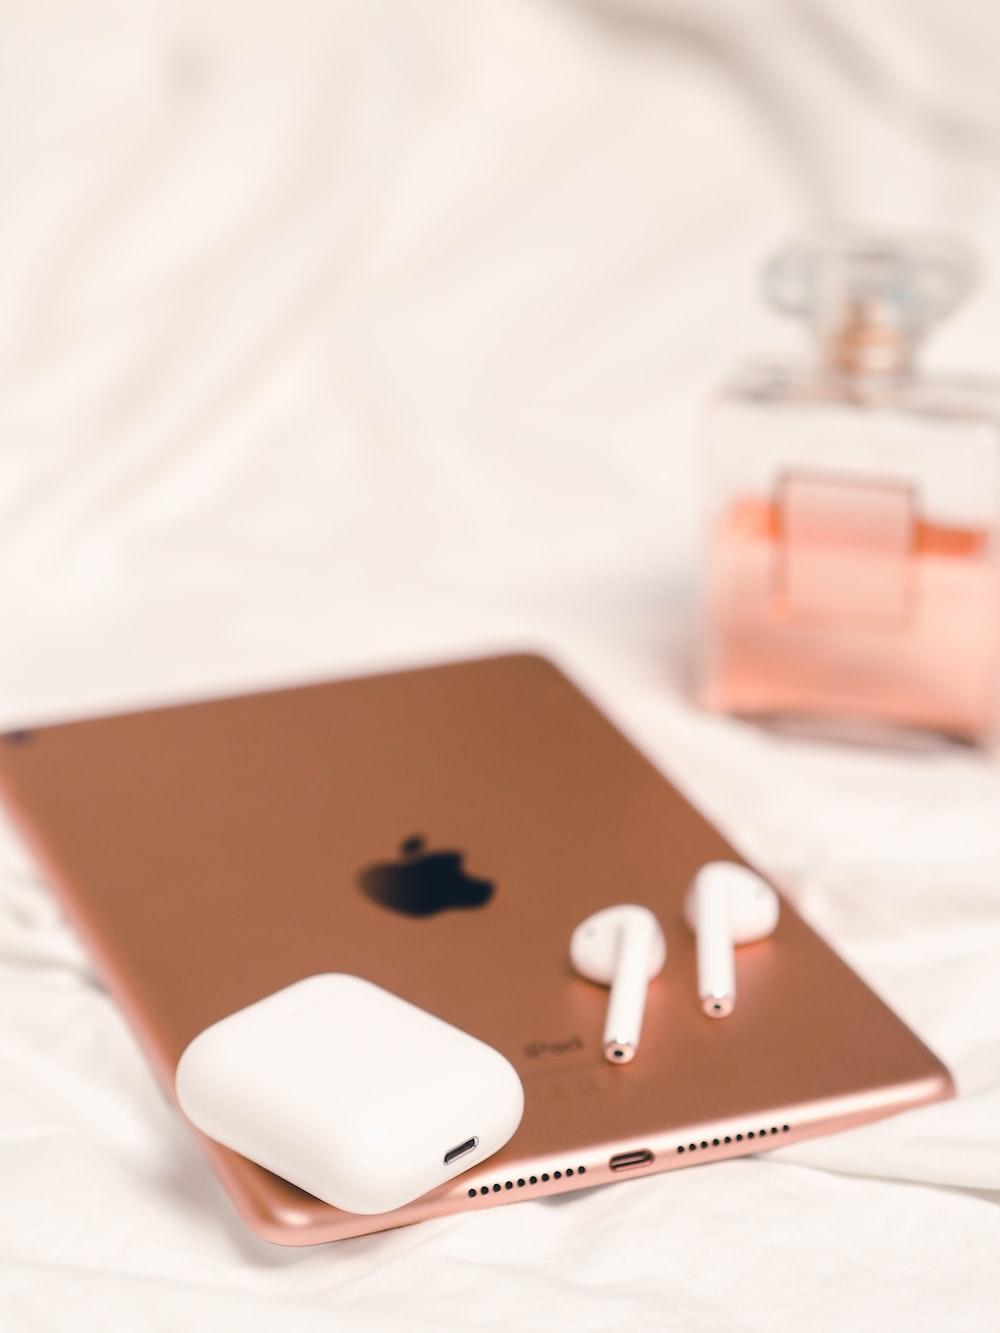 apple earpods on silver macbook